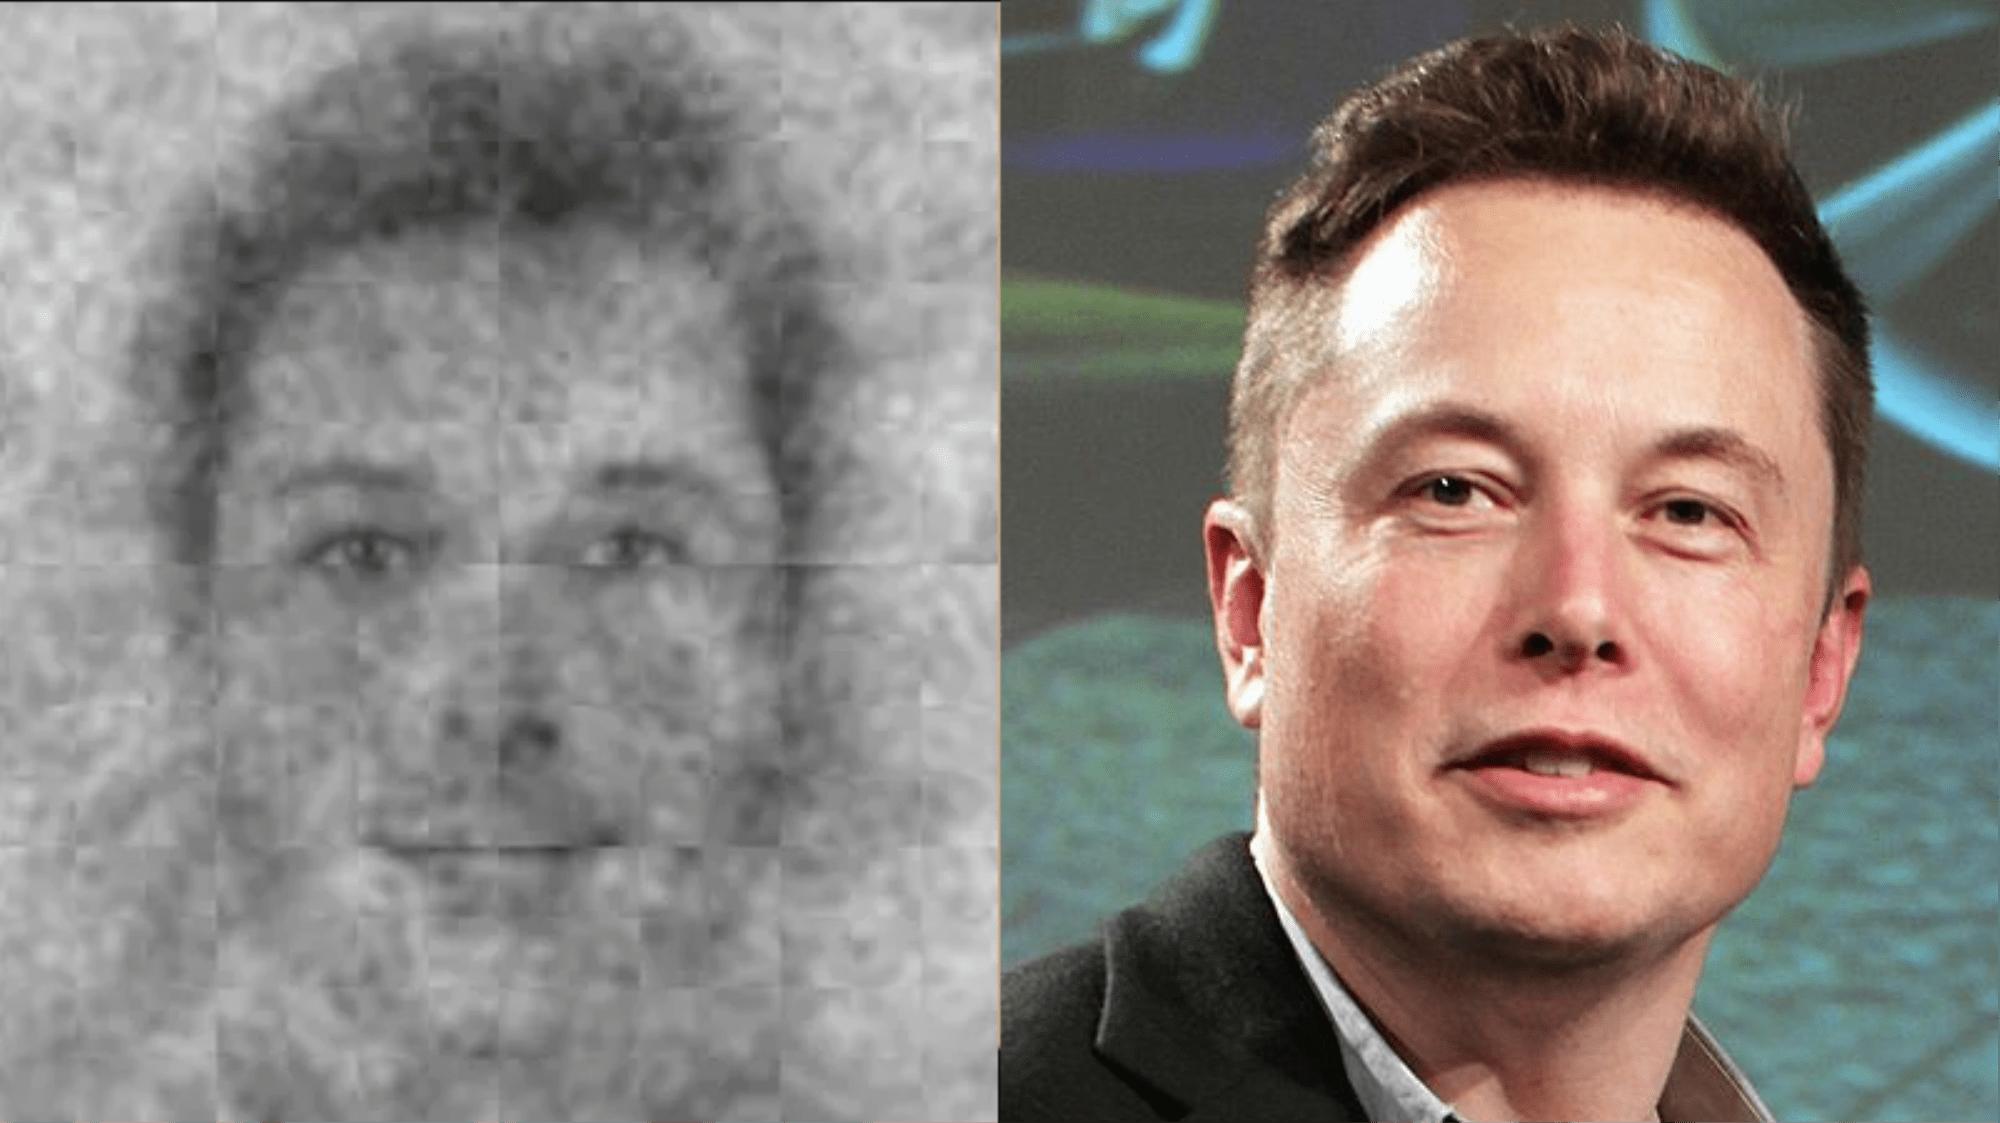 Il volto di Elon Musk è quello di Dio